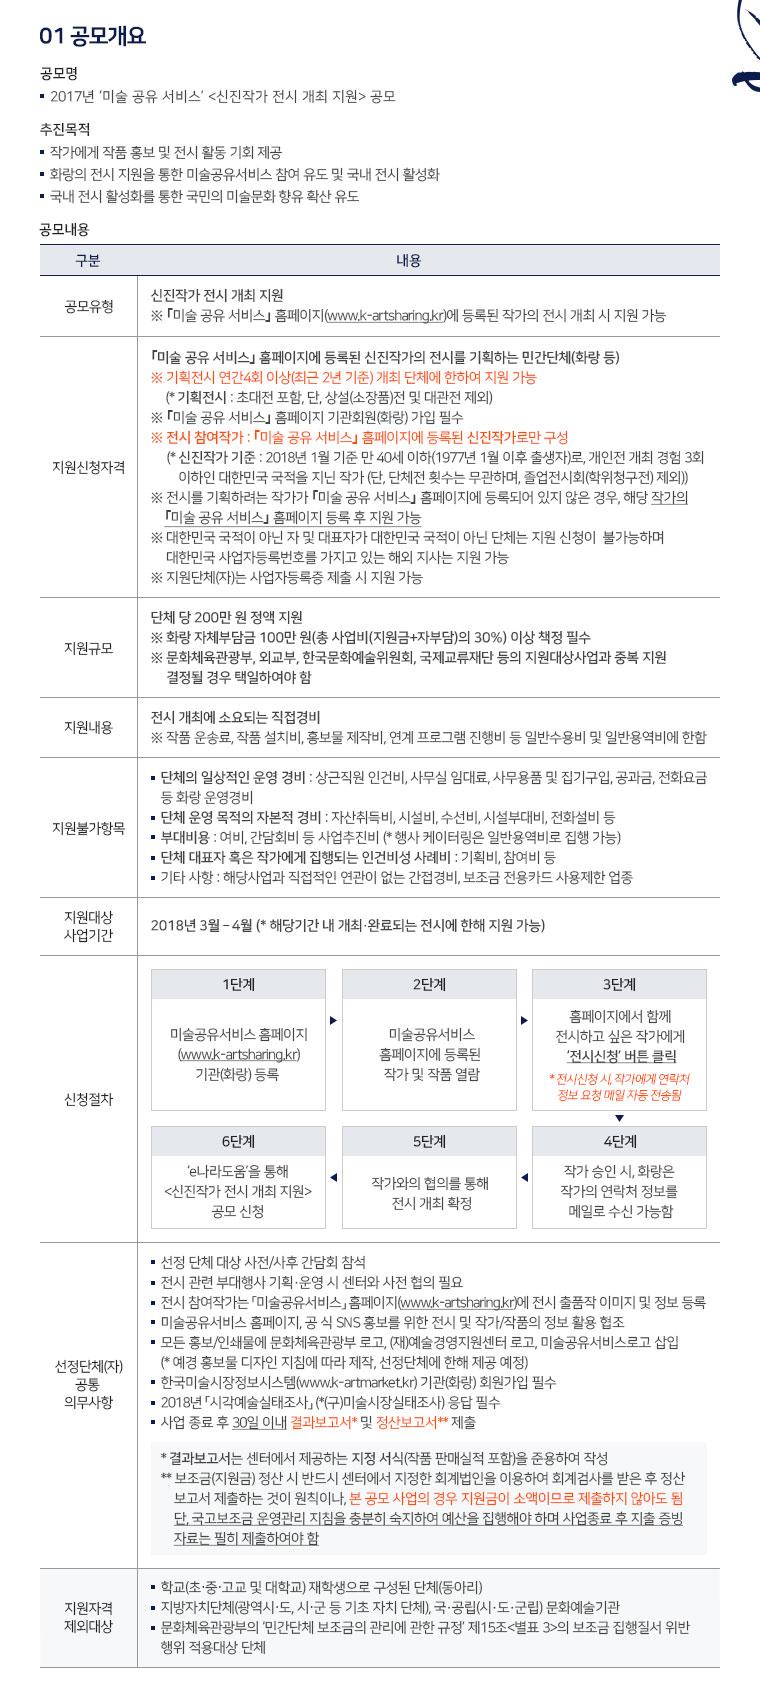 2017 미술공유서비스 <신진작가 전시 개최 지원> 공모 안내이미지2